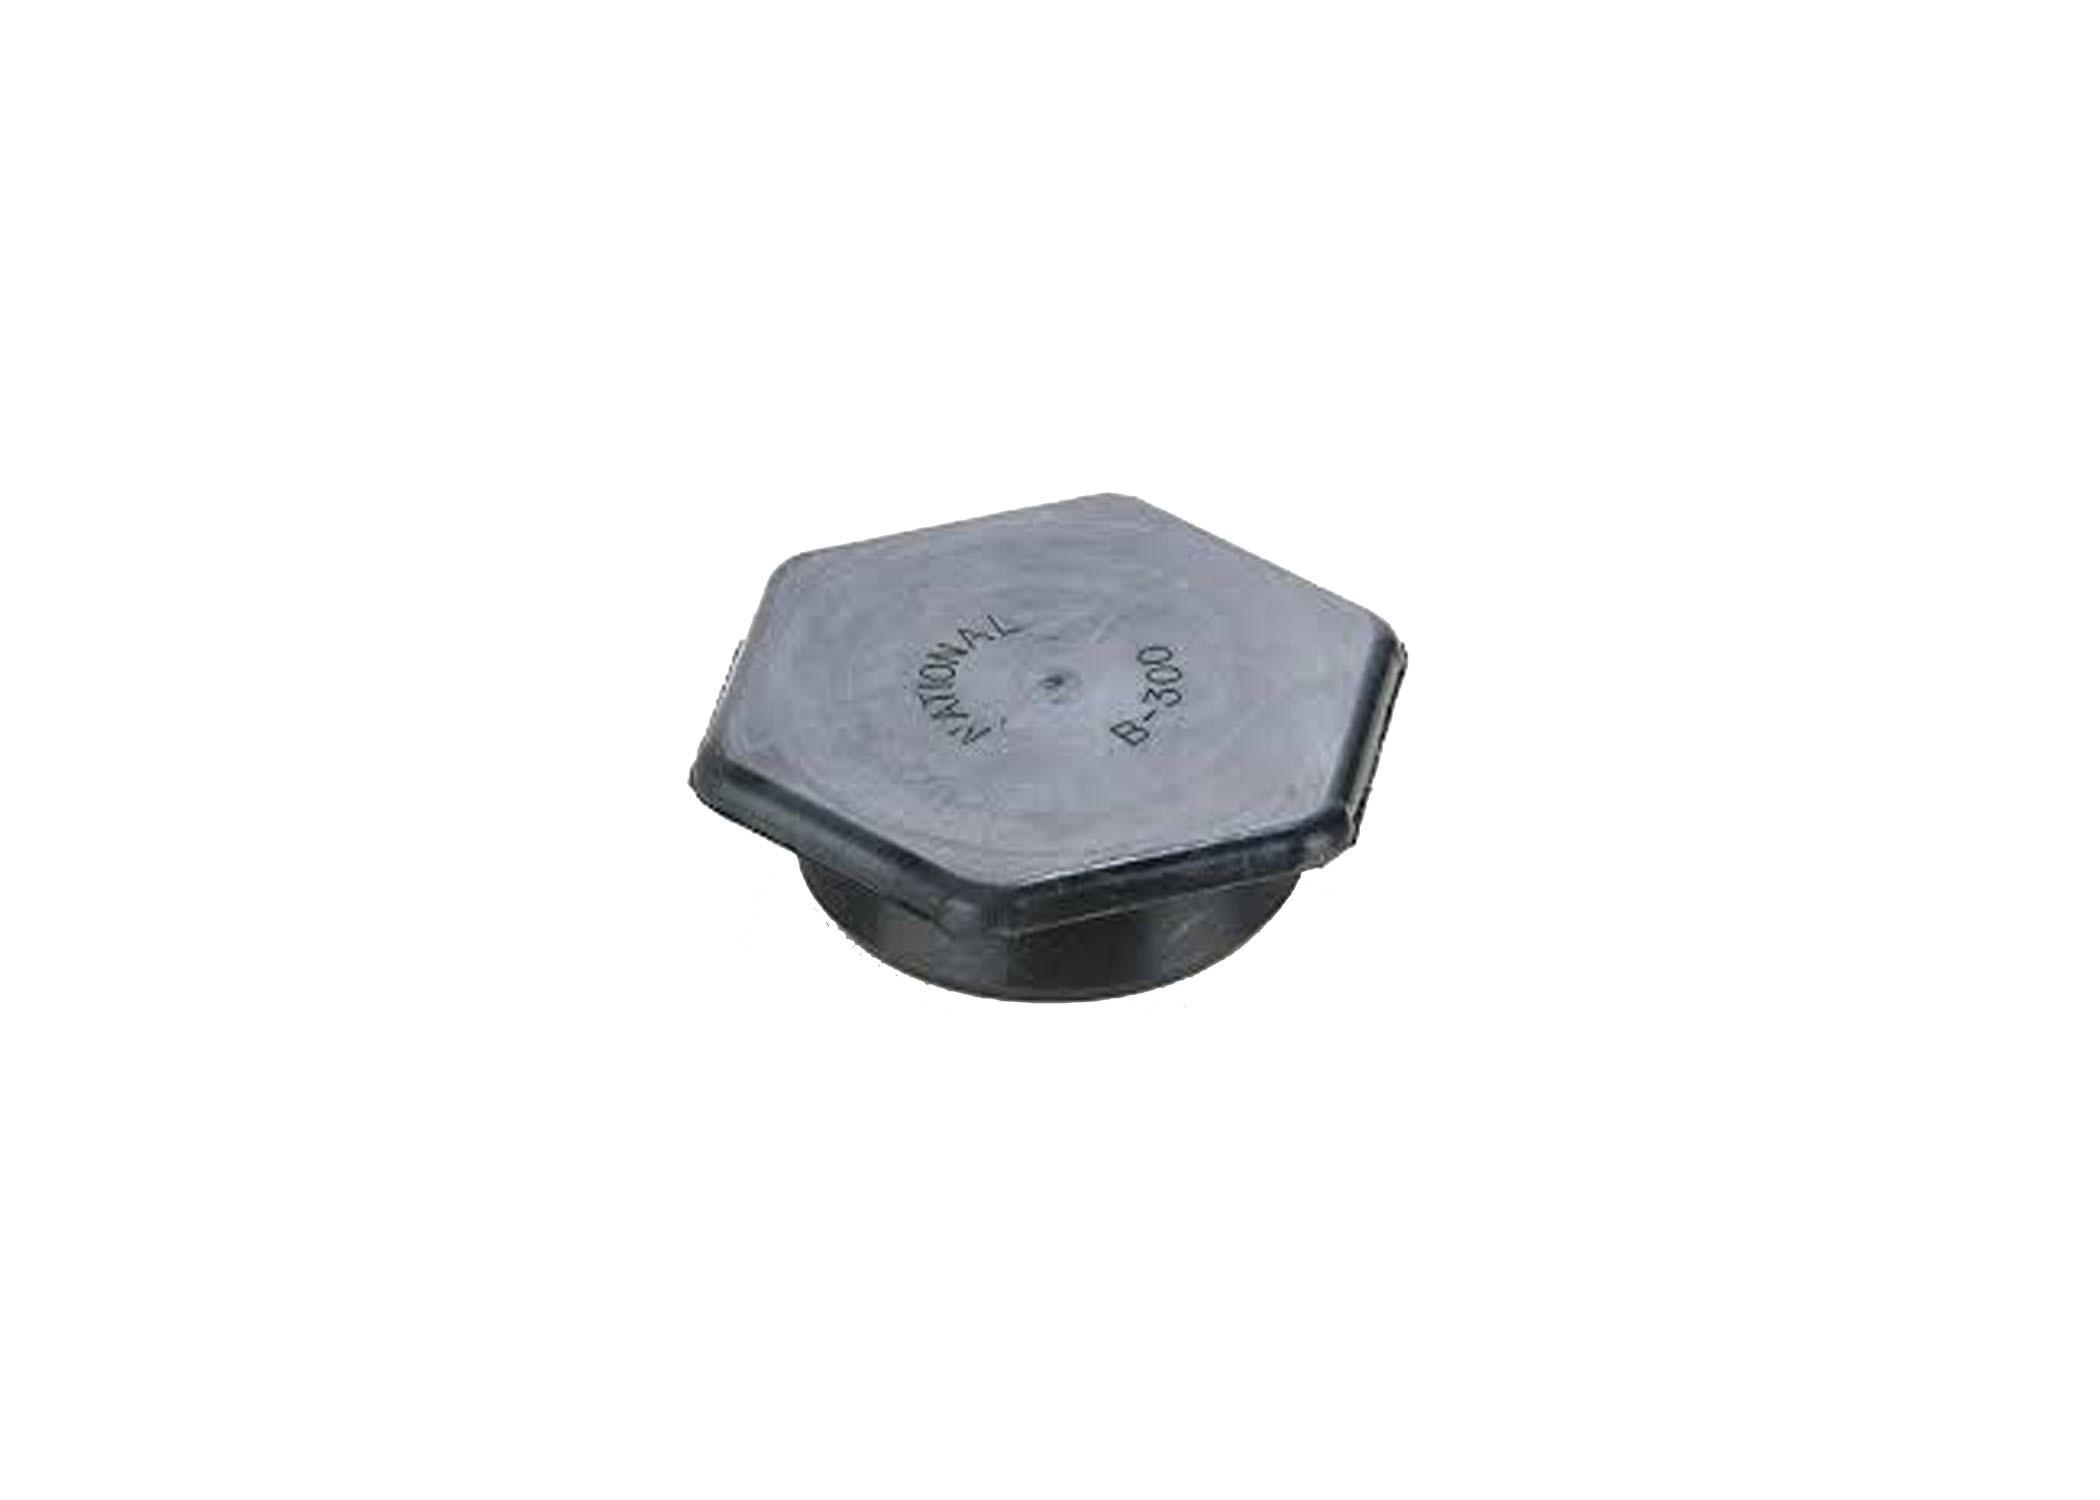 Grease Cap Plug : Oil cap plug grease caps hd truck parts